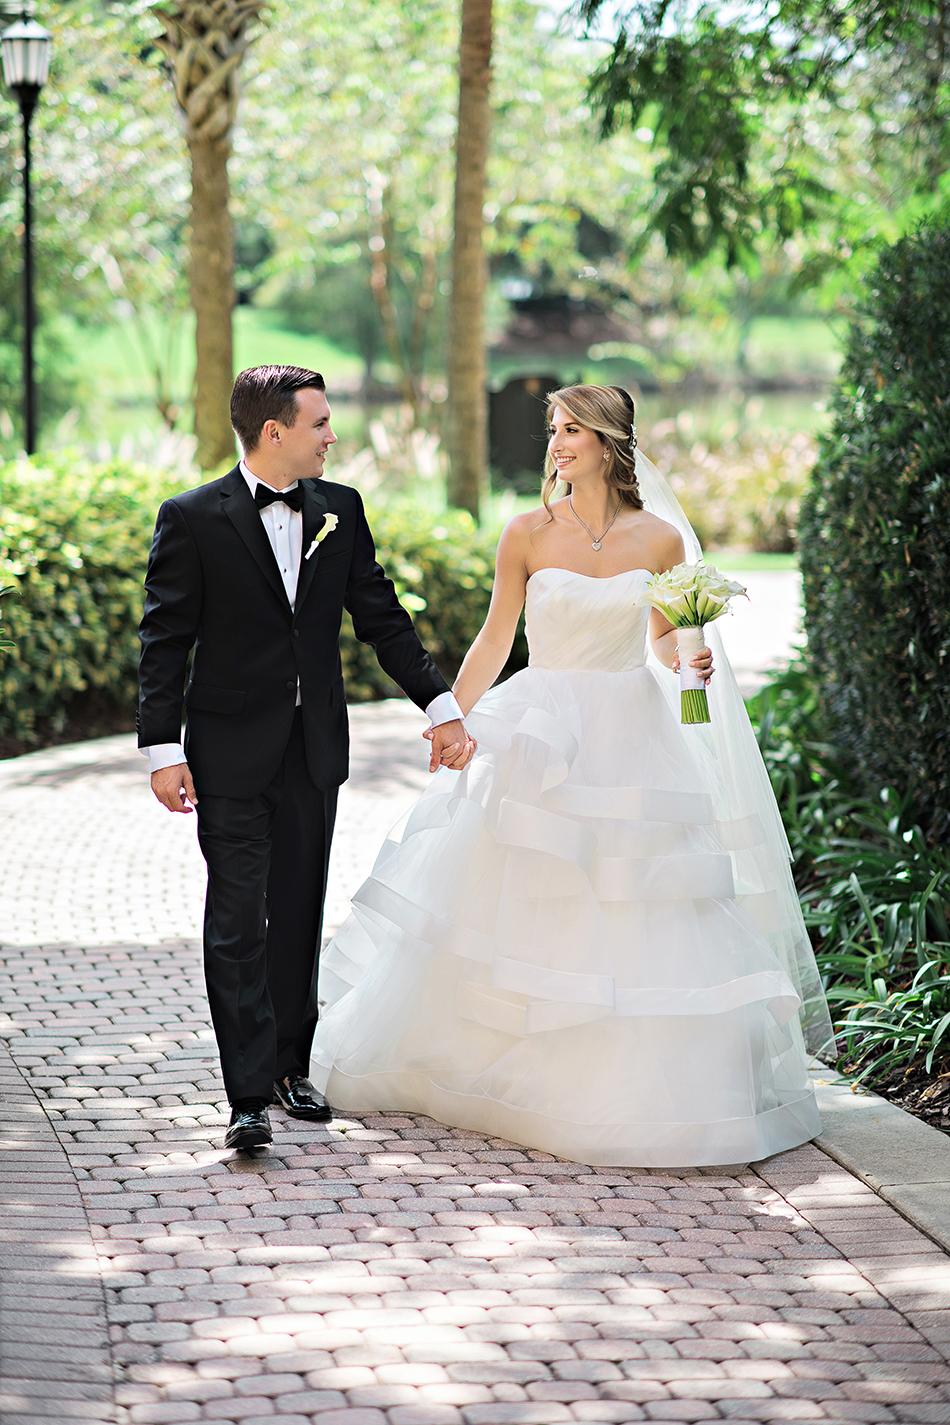 jw marriott wedding in orlando, fl